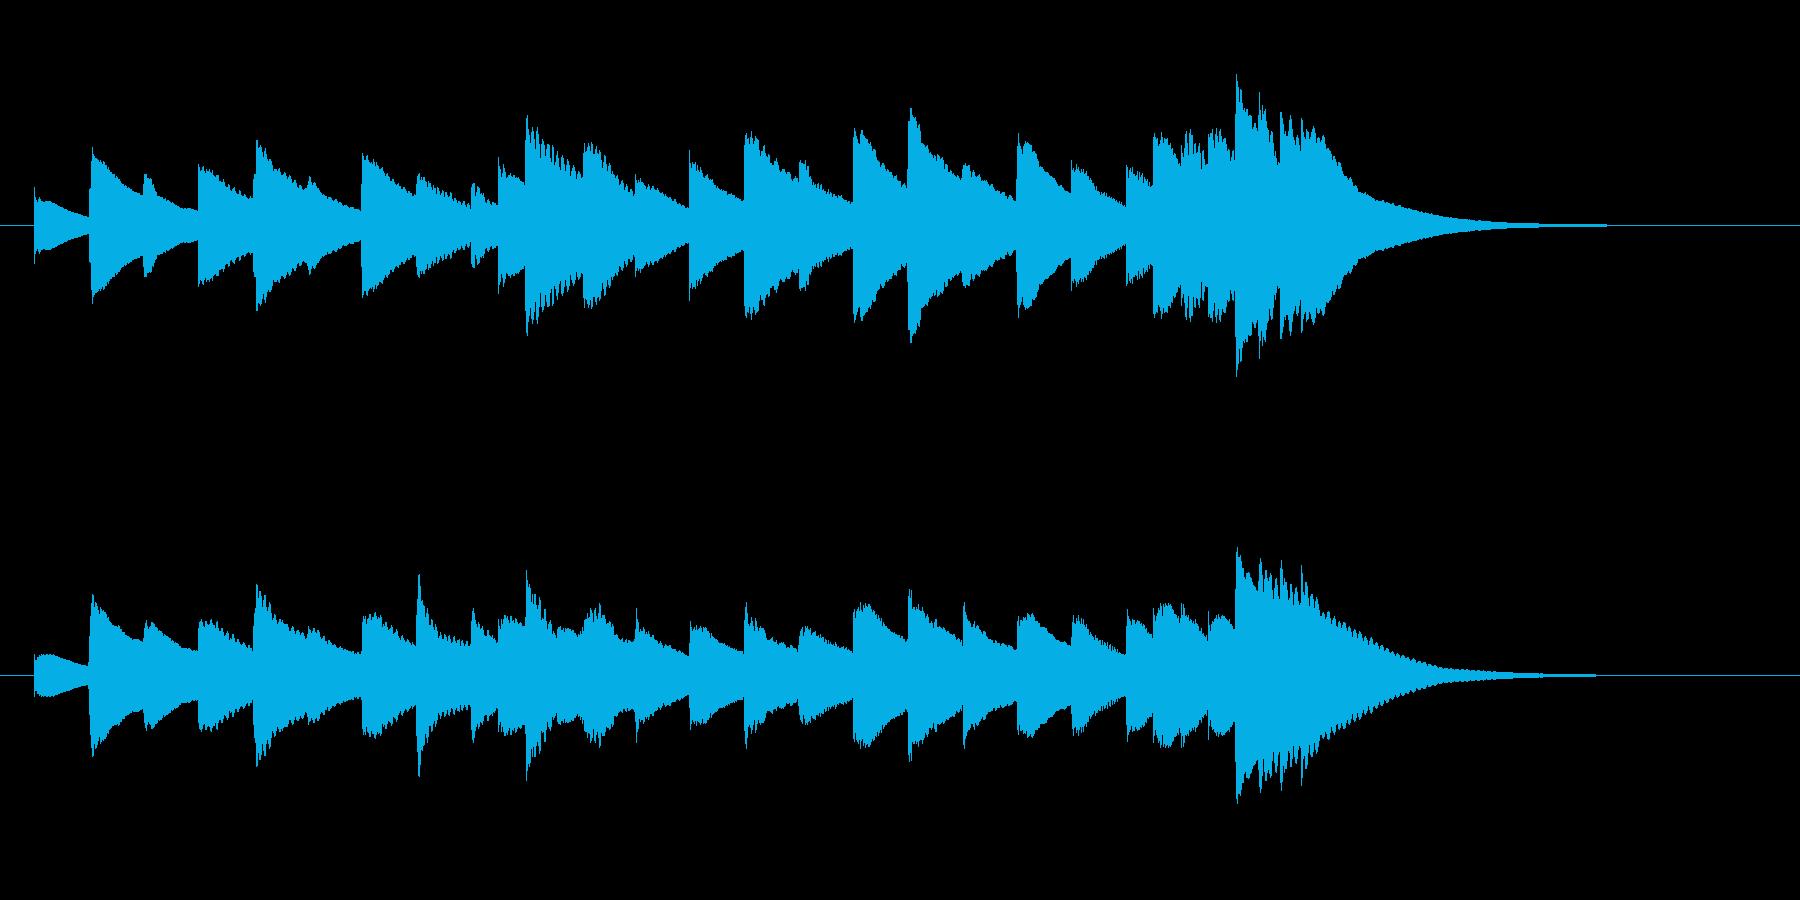 かっこうワルツ(ヨナーソン作)オルゴールの再生済みの波形